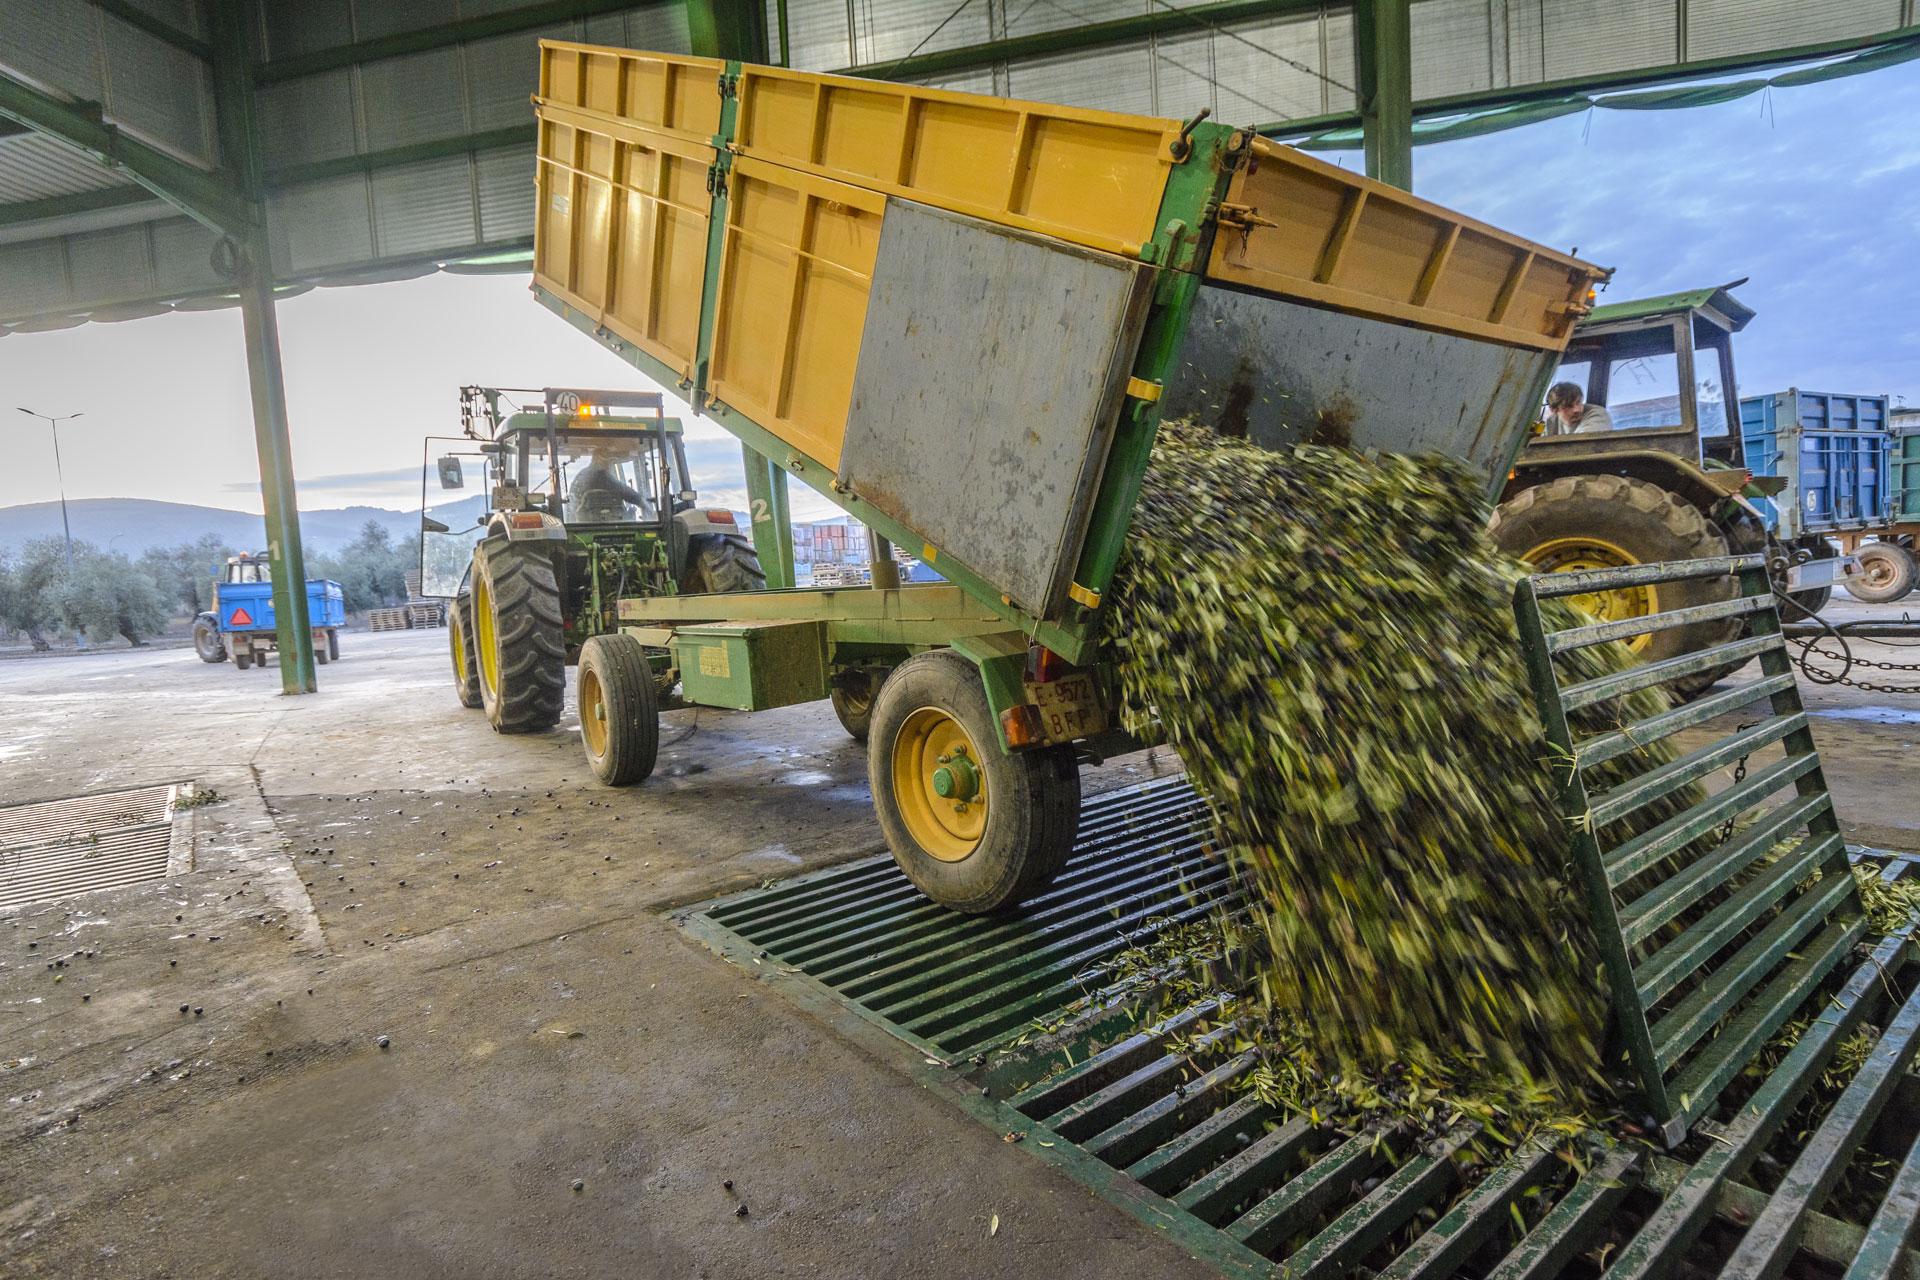 Descarga de olivas para el aceite de oliva